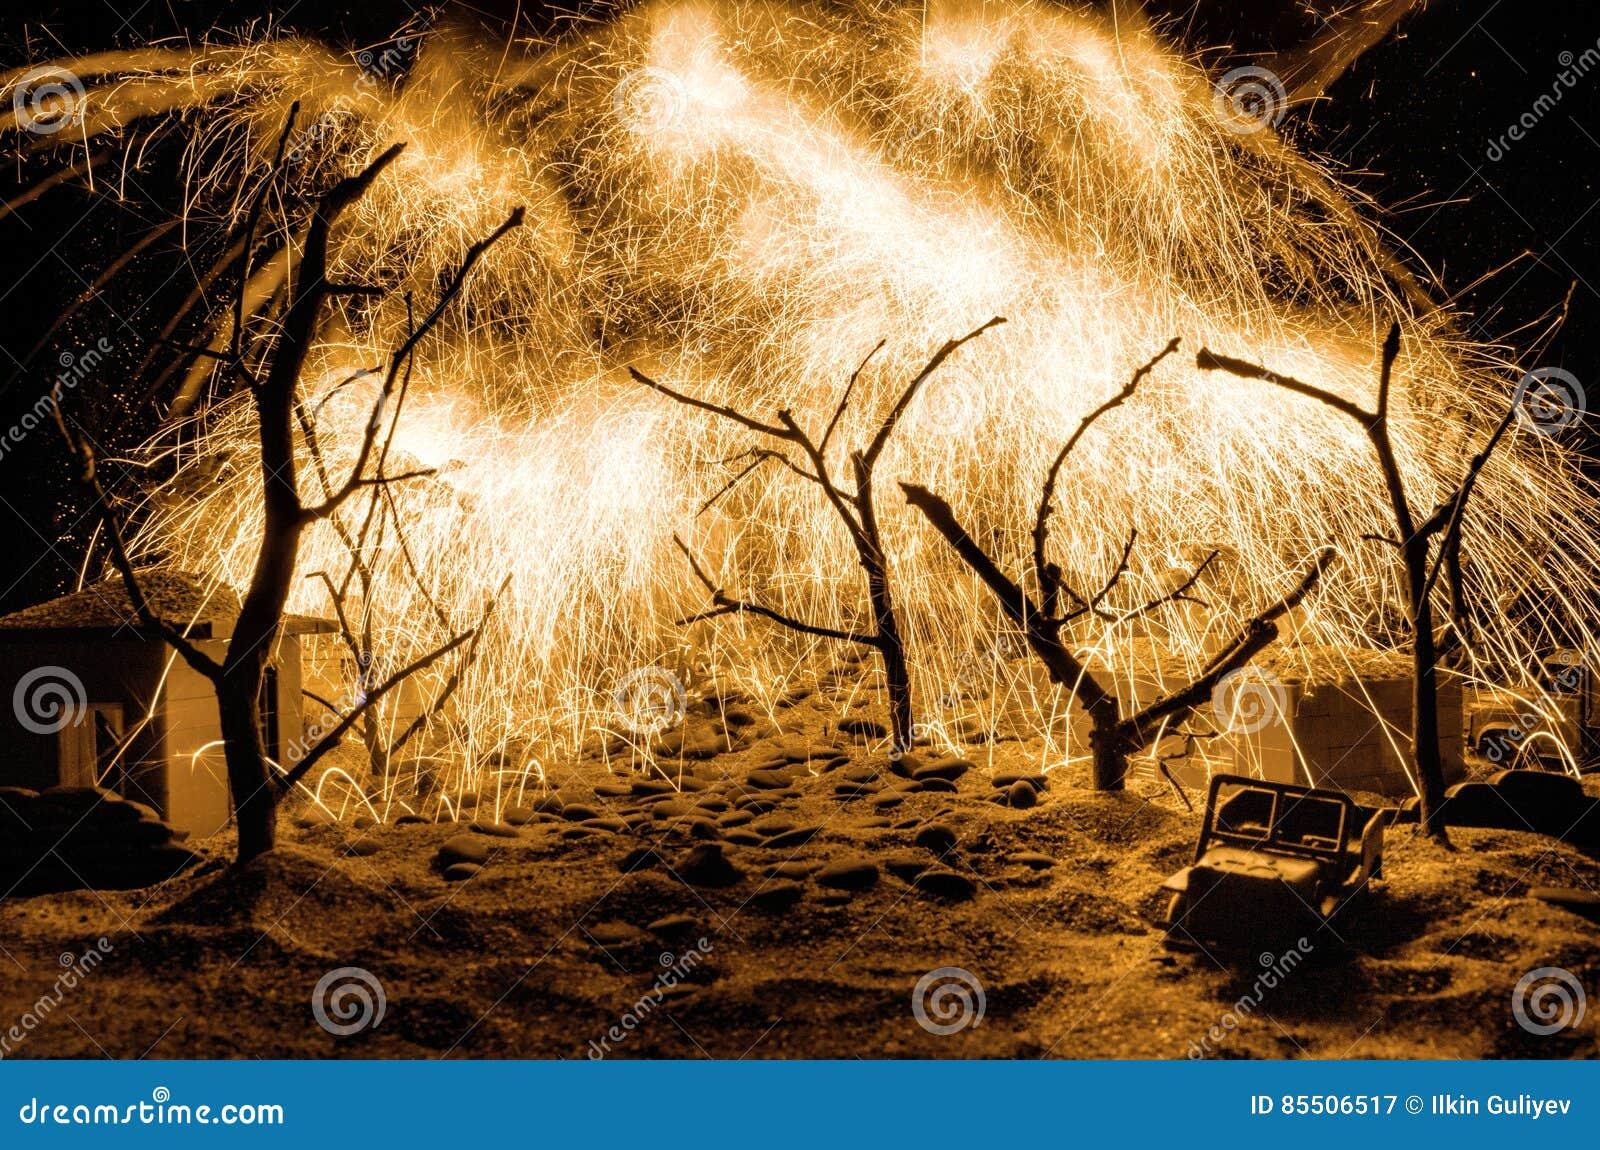 Forest Fire, brennender Baum des verheerenden Feuers in der roten und orange Farbe nachts Auf Tischschmuck mit Feuerwerksbaumaste